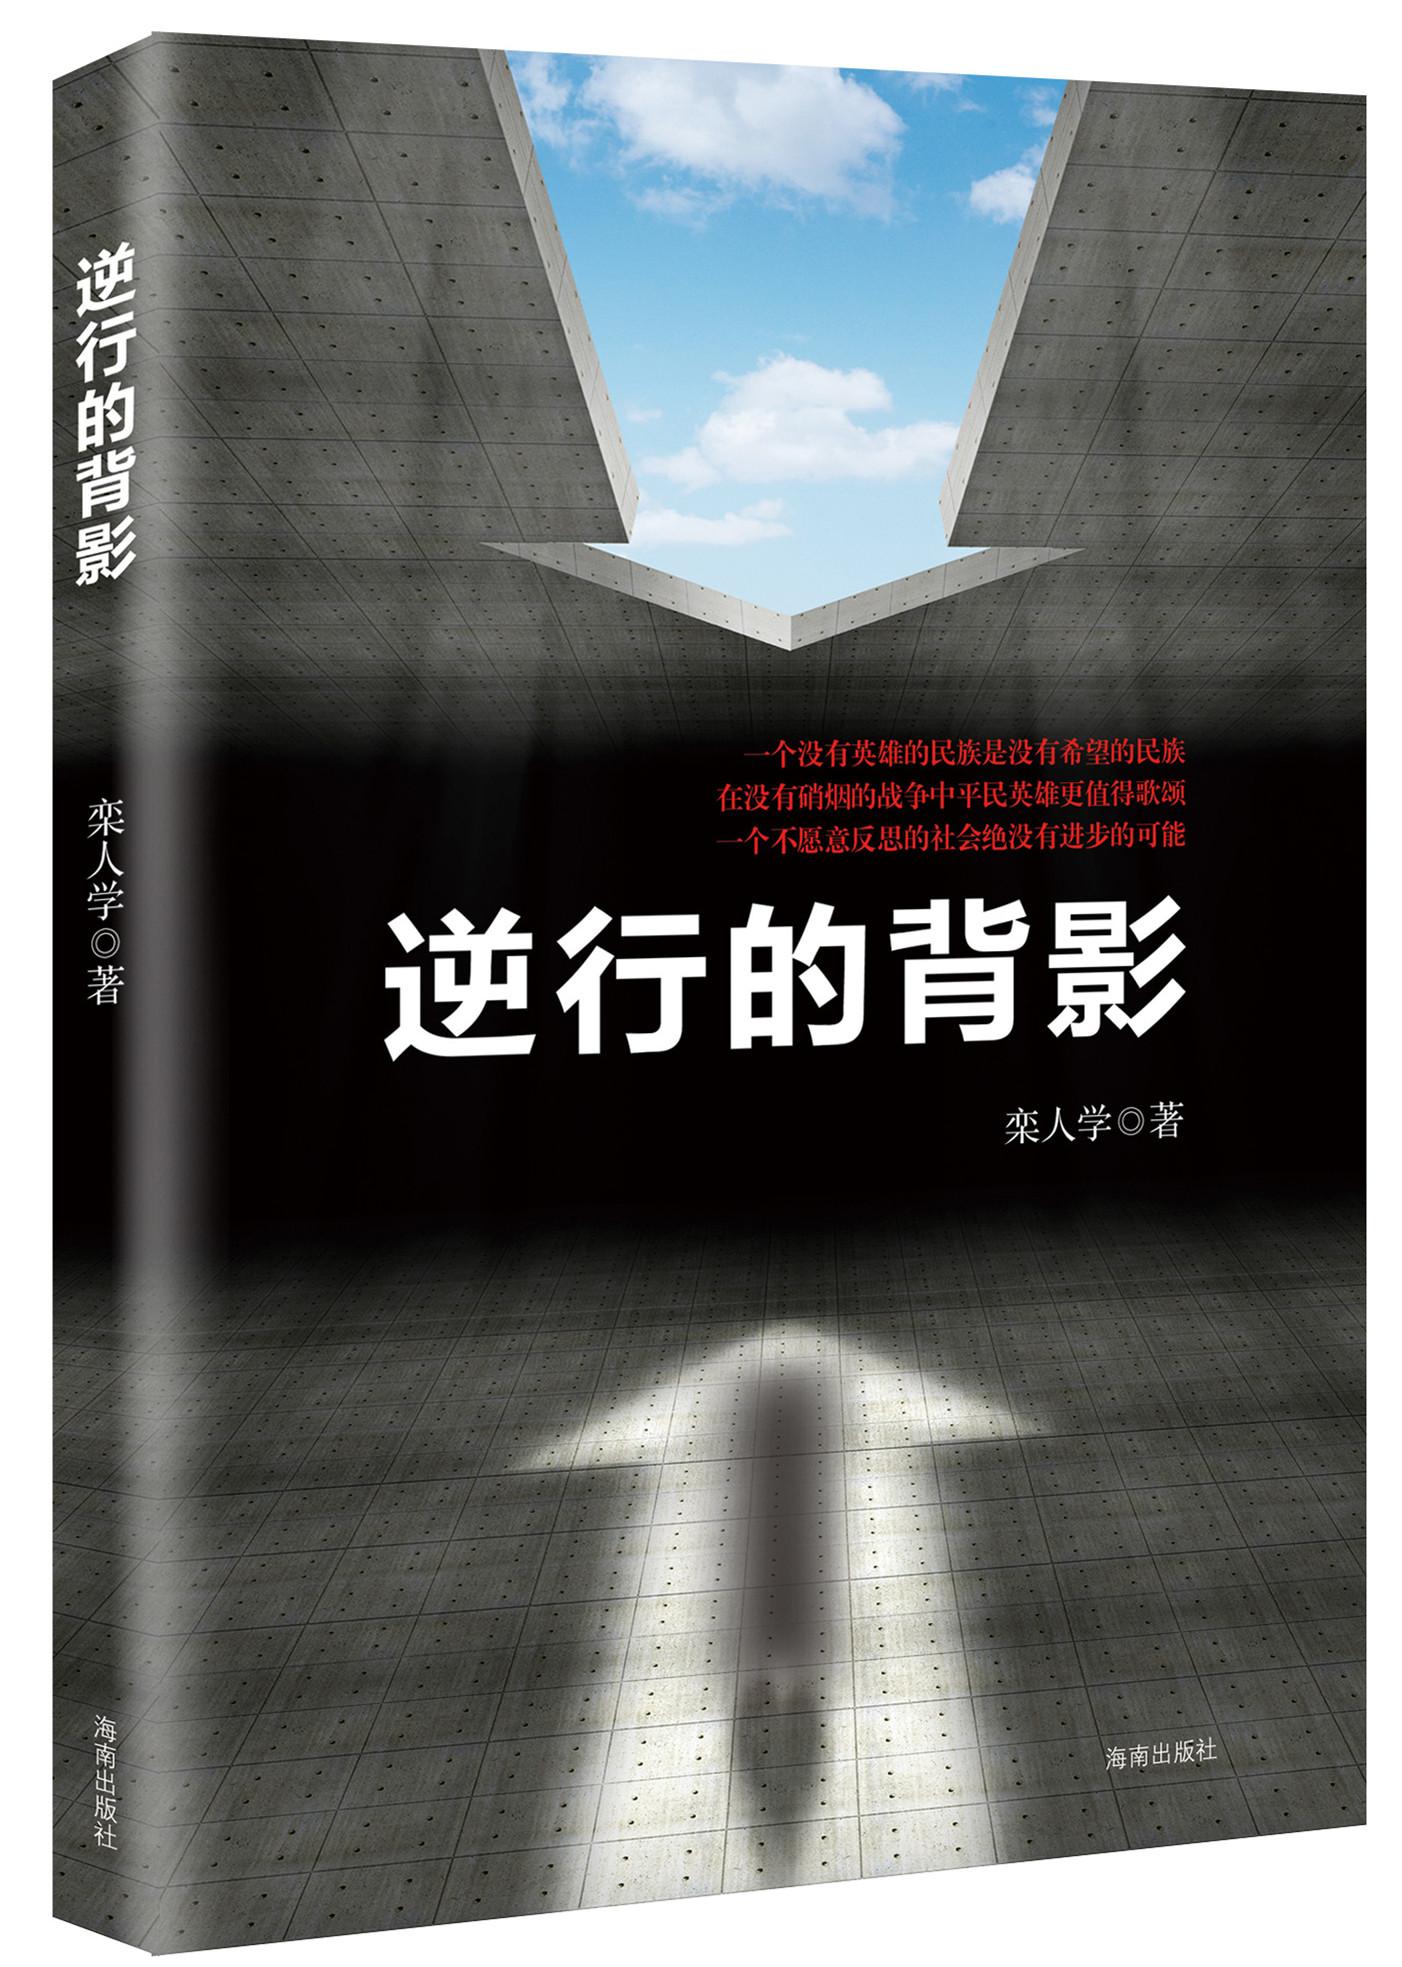 旅琼军旅作家栾人学抗疫诗集《逆行的背影》出版